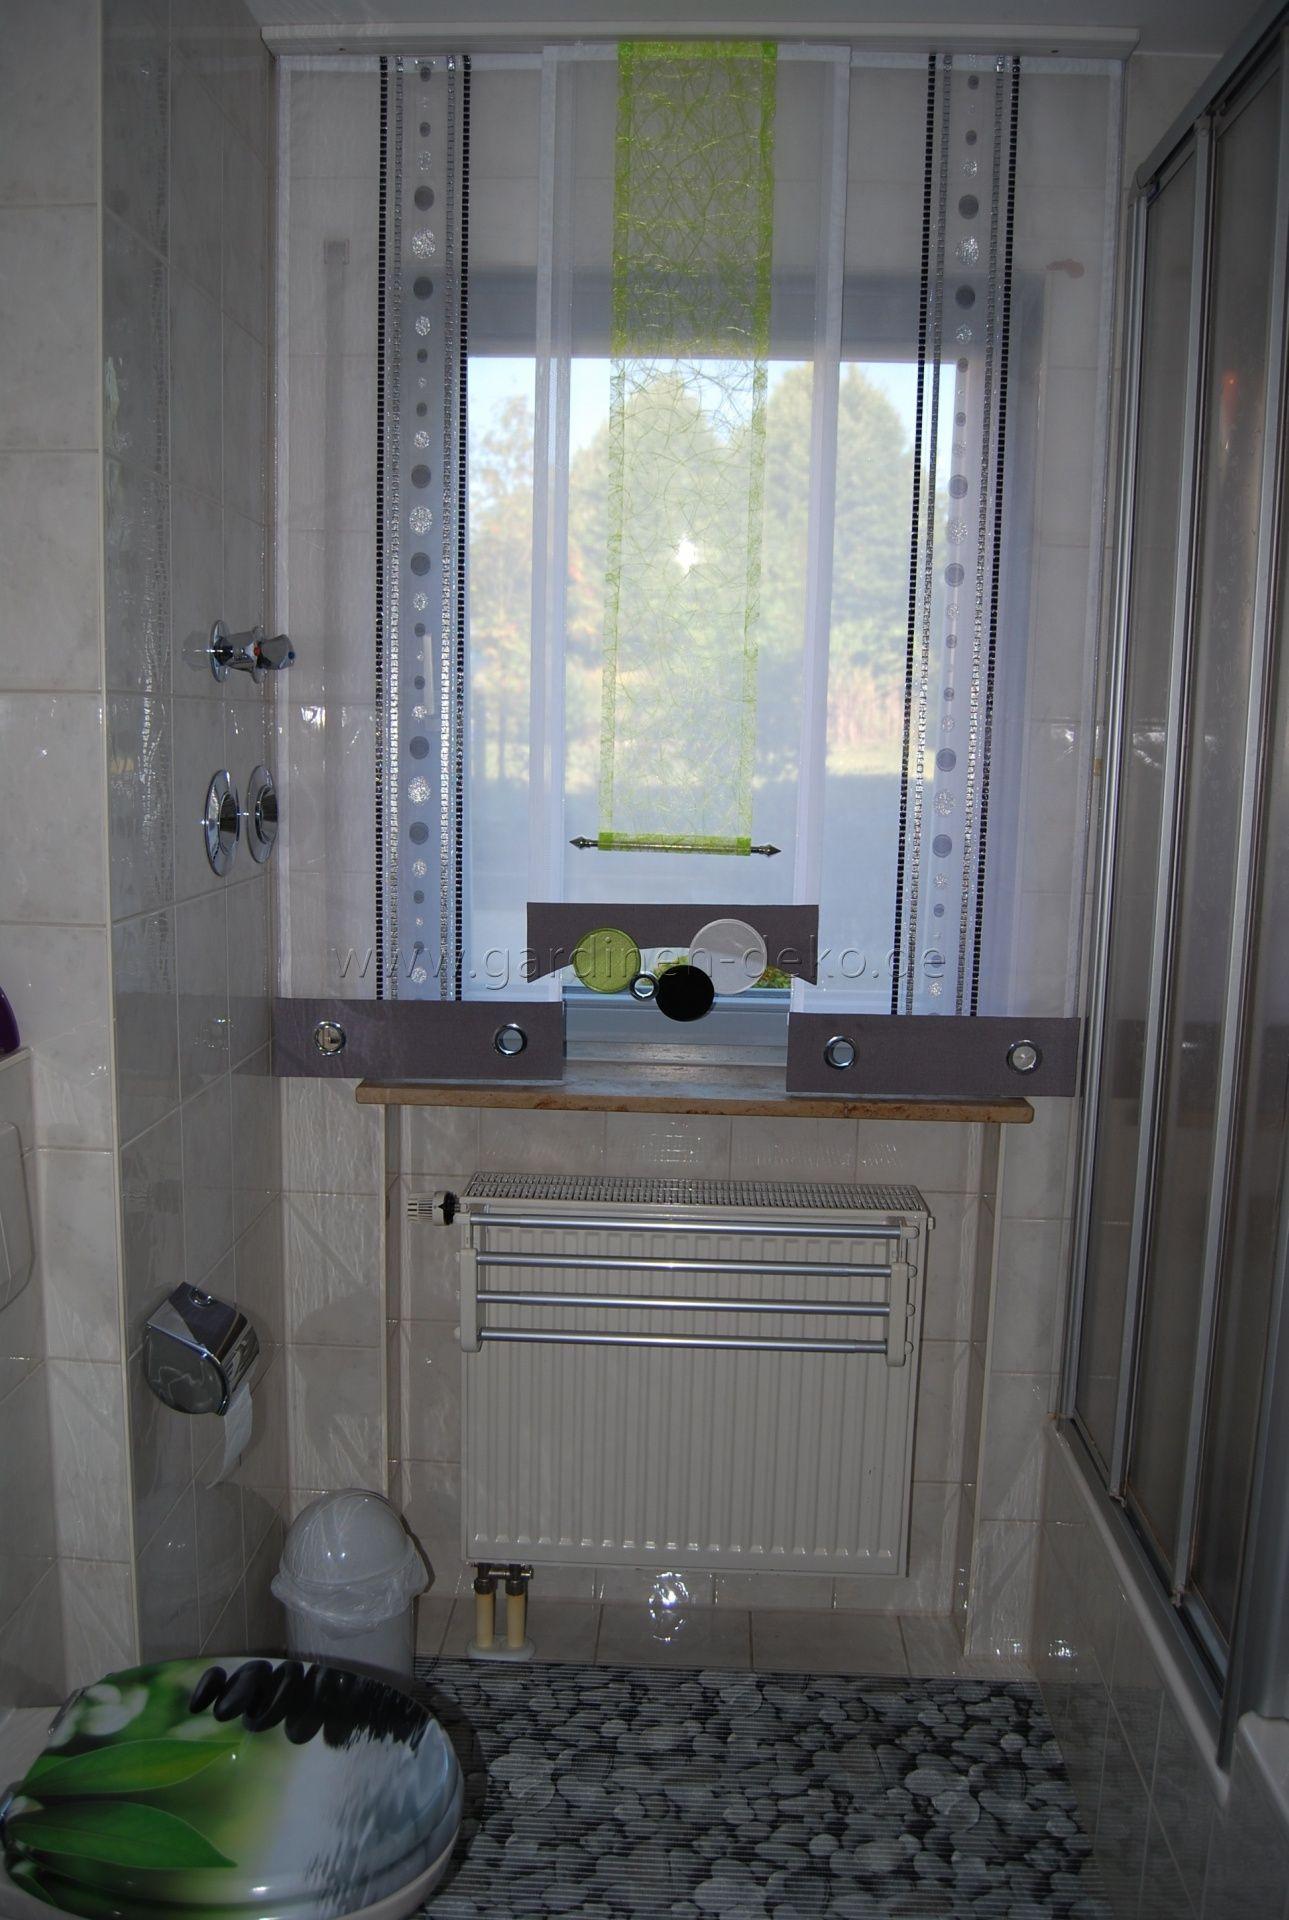 Moderner Schiebevorhang Furs Bad Mit Osen Und Kreiselementen Http Www Gardinen Deko De Moderner Schi Modernes Badezimmer Badezimmer Badezimmer Aufbewahrung